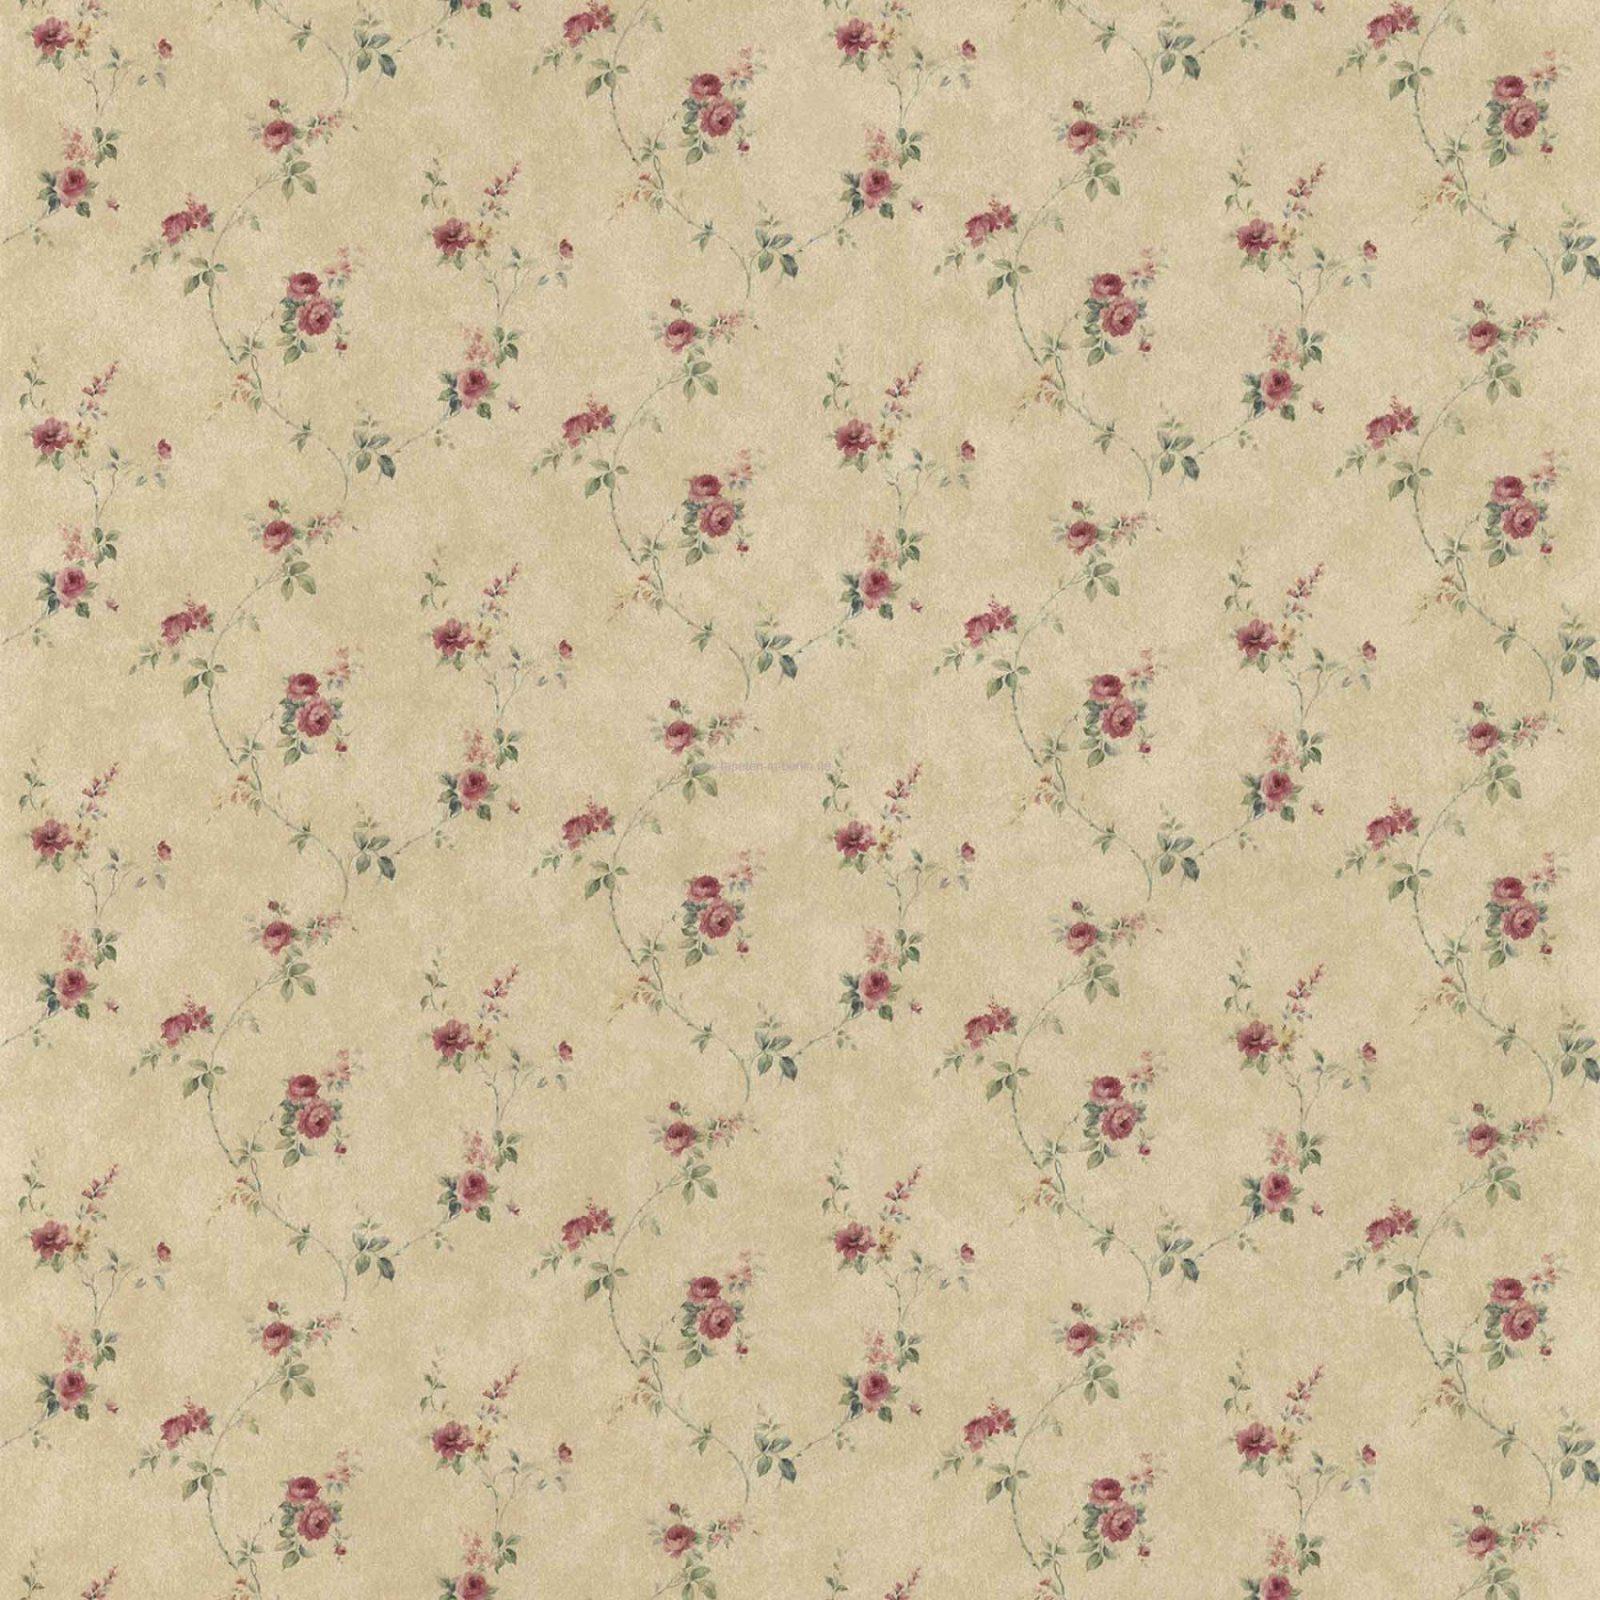 blumen tapeten 5 landhausstil florale u streifen tapete u borte von tapete landhaus floral blumchen photo 1 - Tapete Landhaus Floral Blumchen